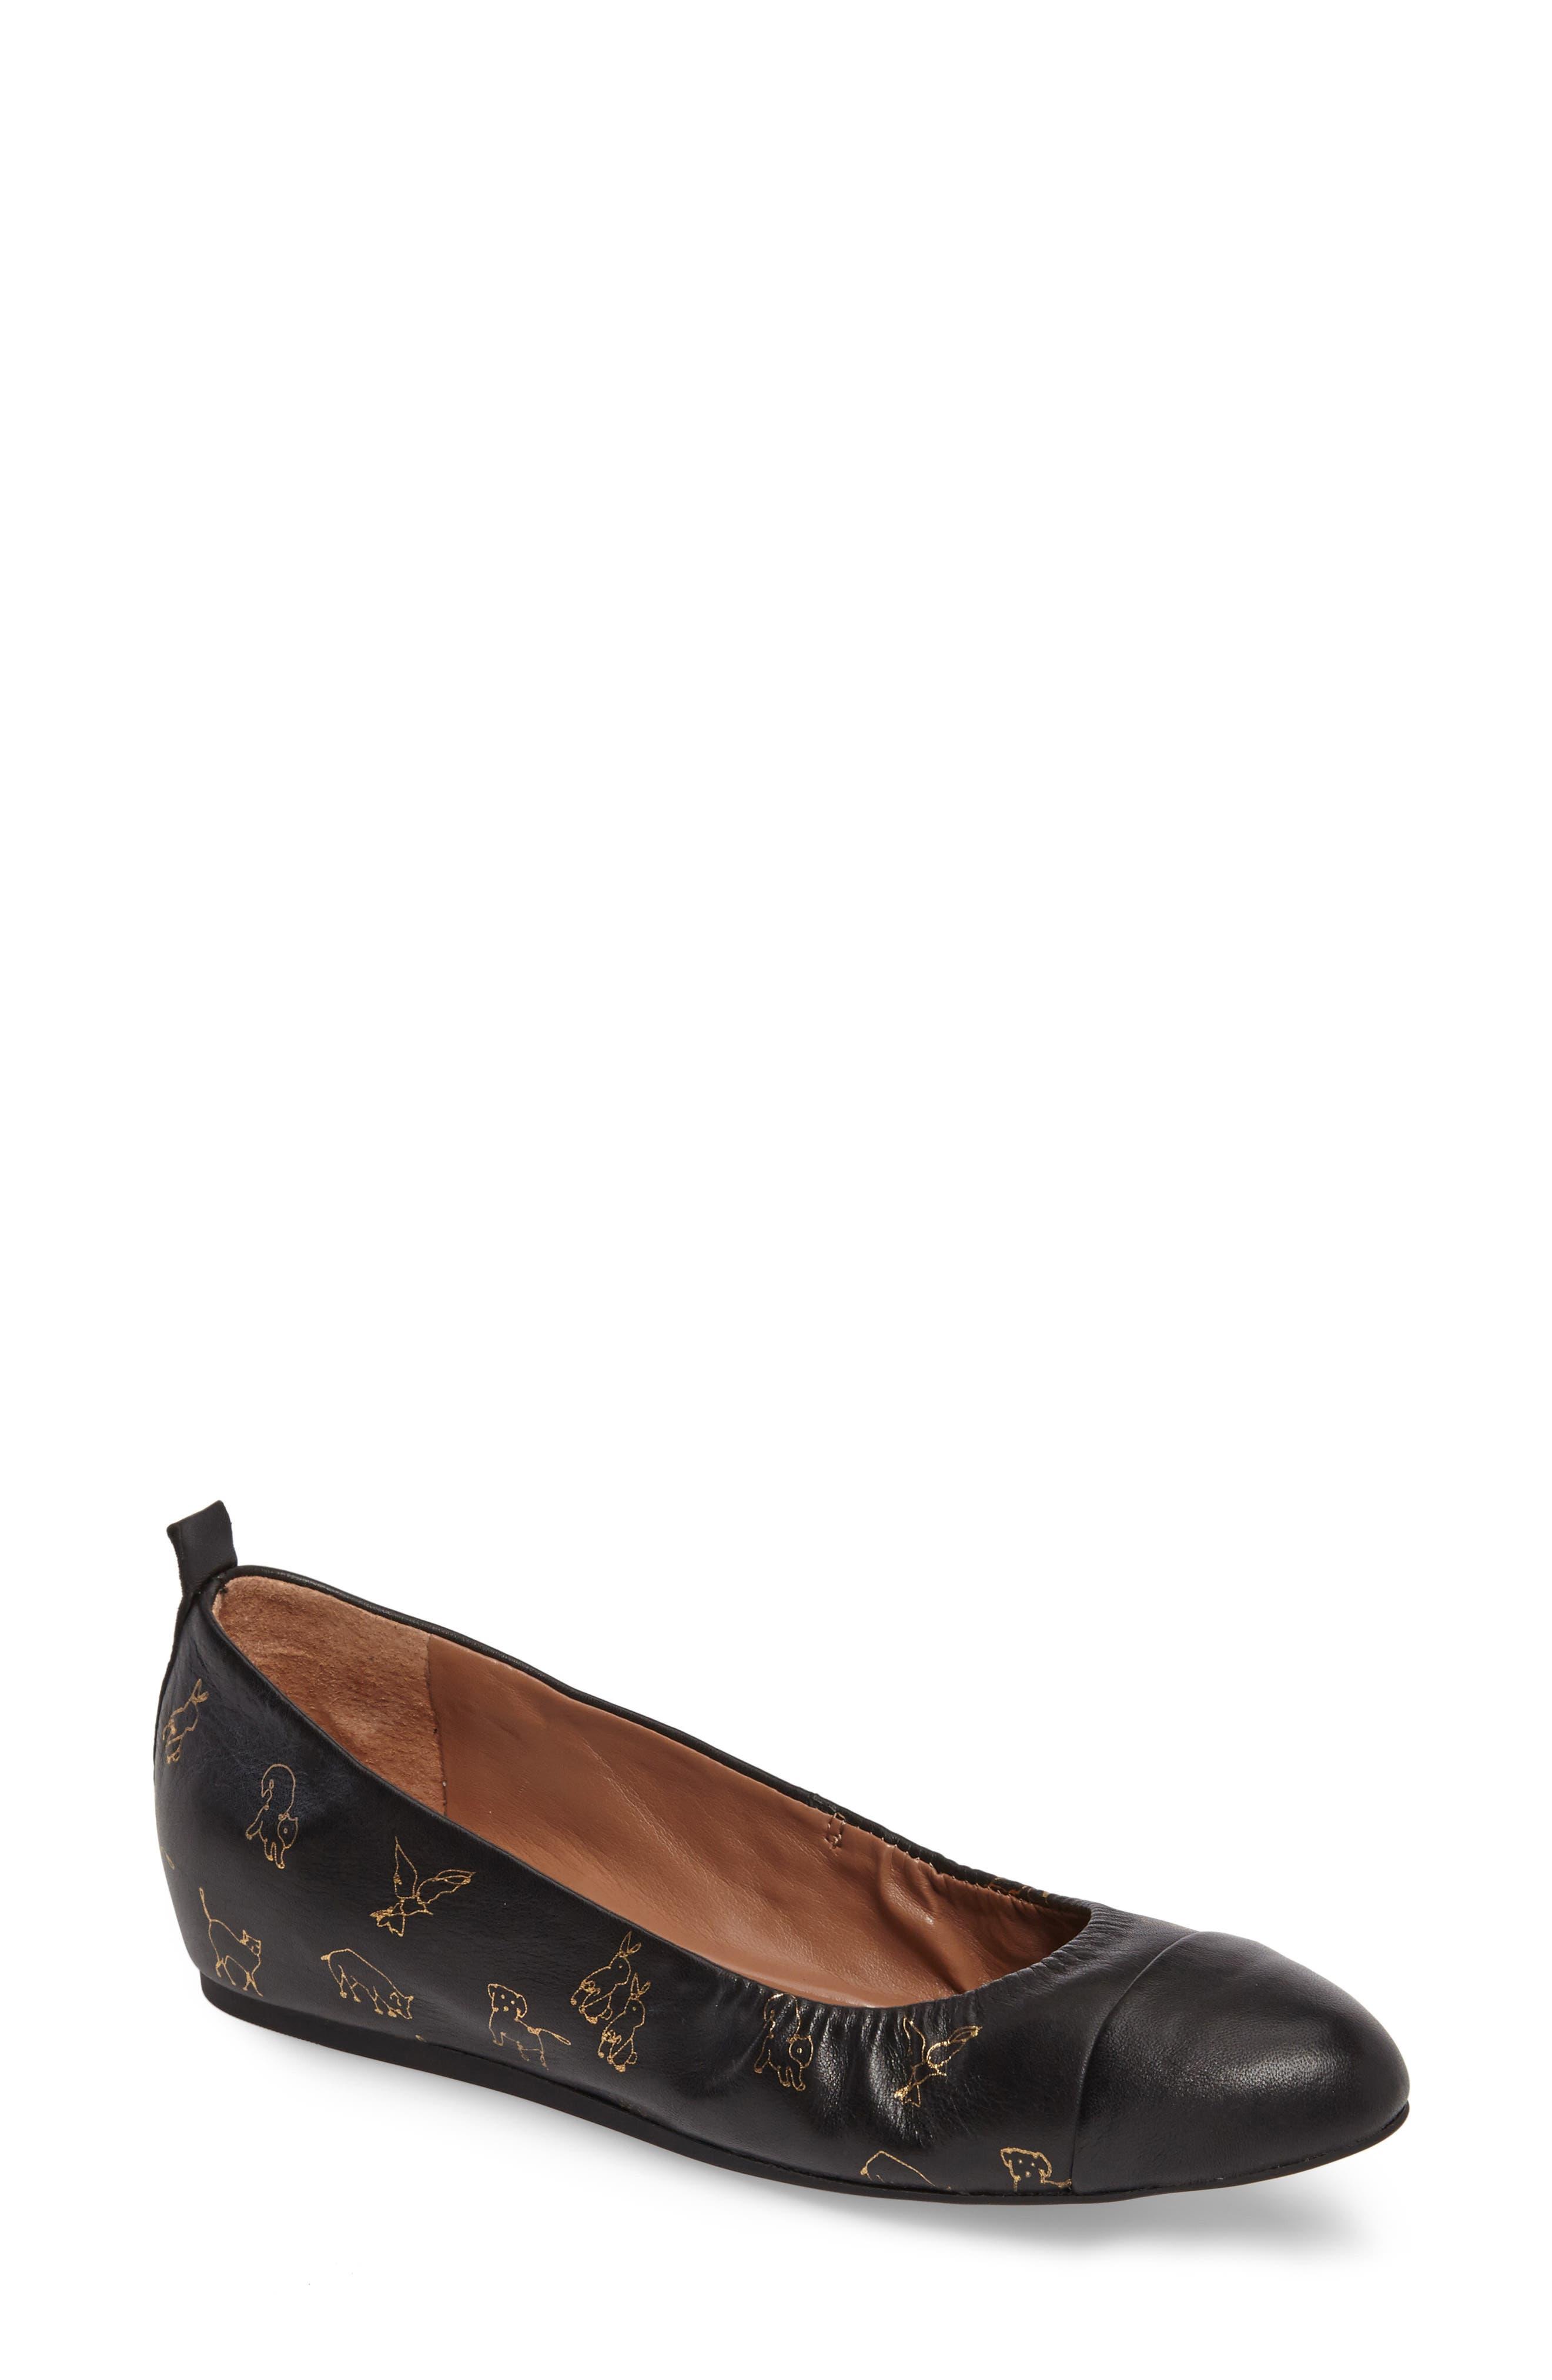 ED ELLEN DEGENERES Lilliane Cap Toe Ballet Flat, Main, color, 005